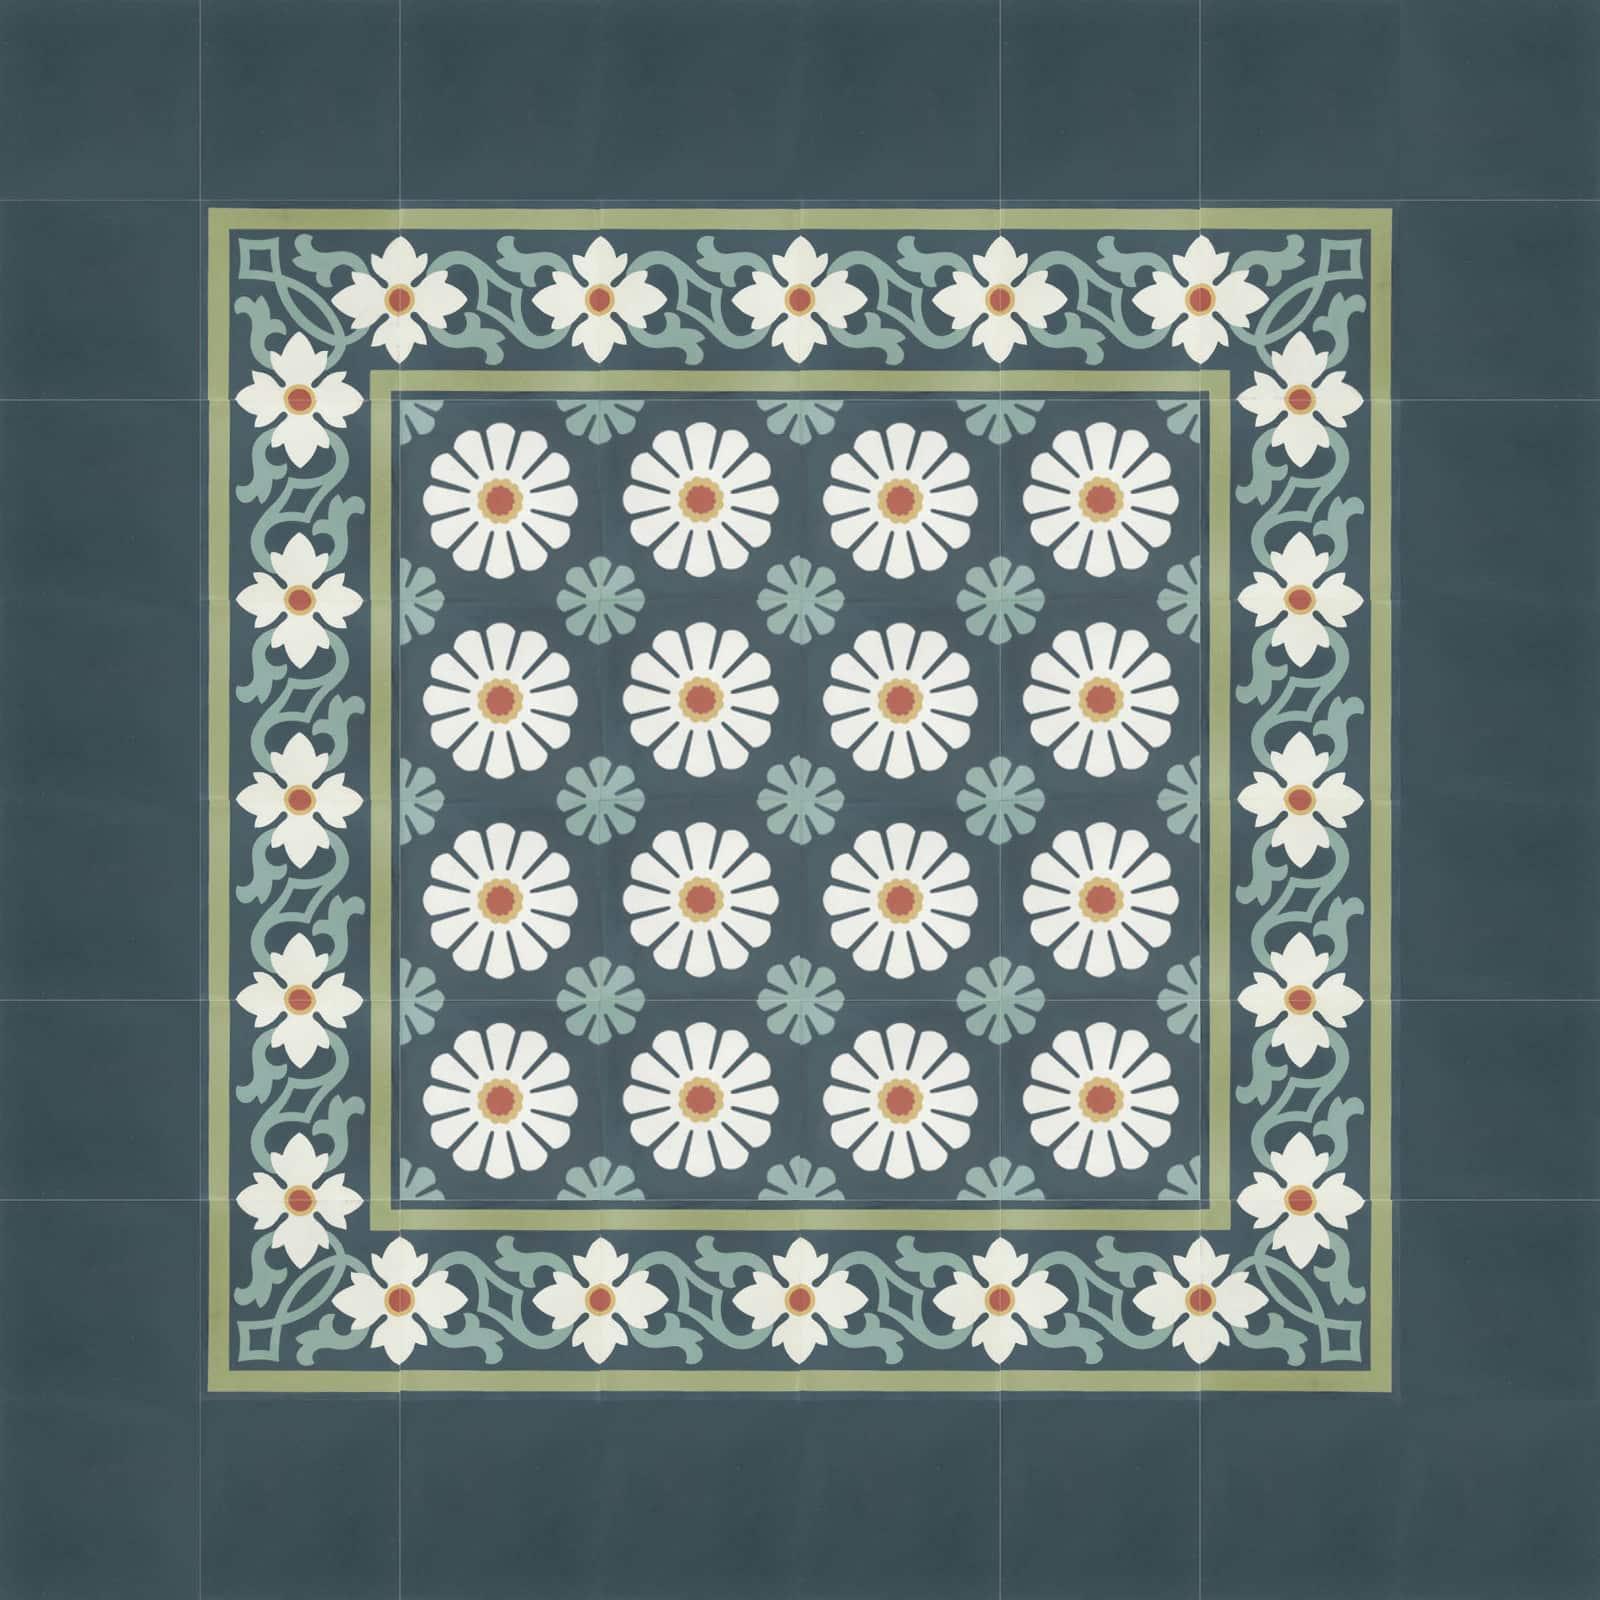 zementfliesen-terrazzofliesen-kreidefarbe-terrazzo-fugenlos-viaplatten-13744-52127-44-verlegemuster | 13744